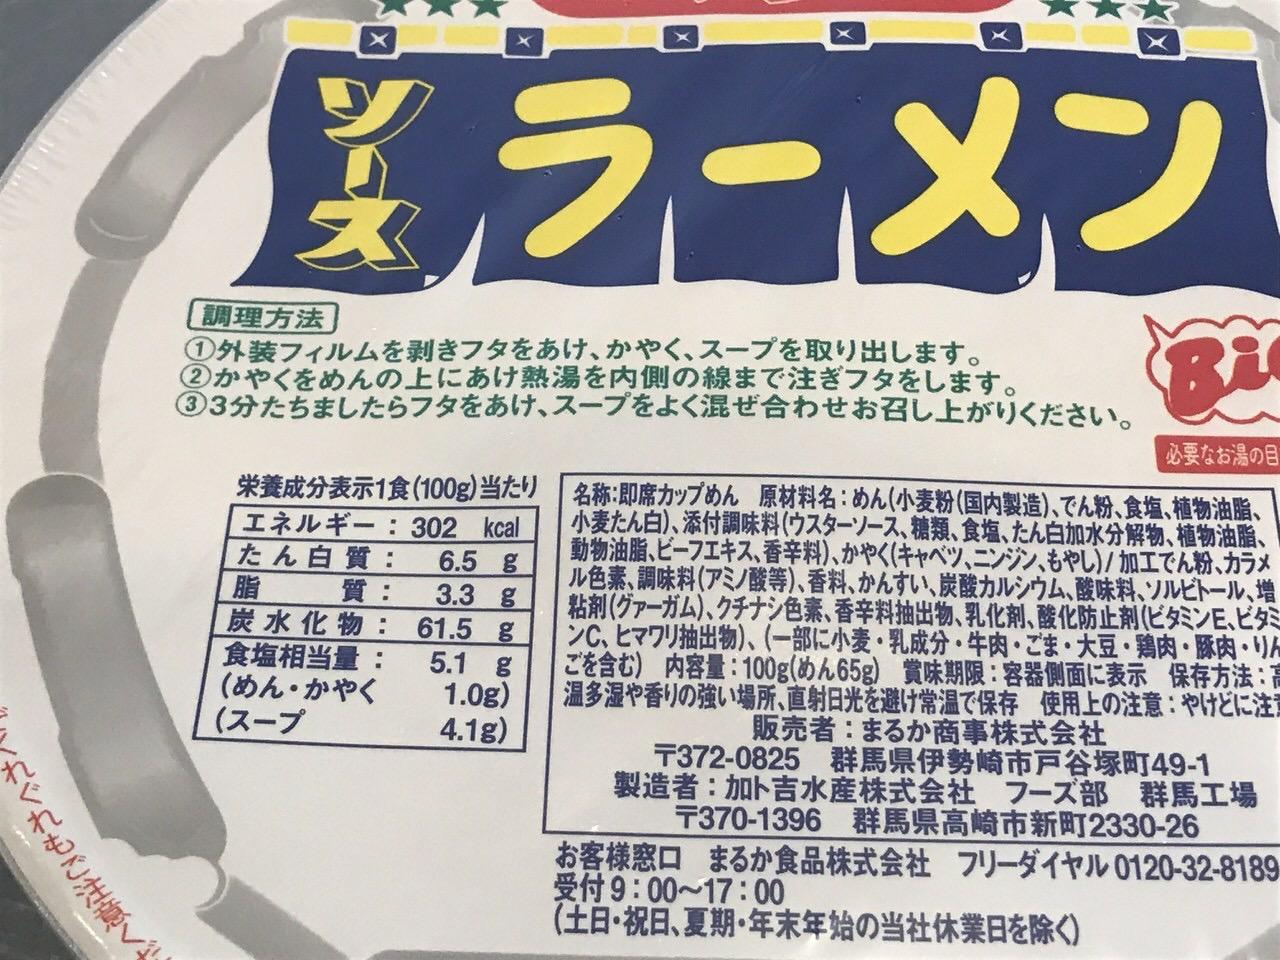 「ペヤング ソースラーメン」8